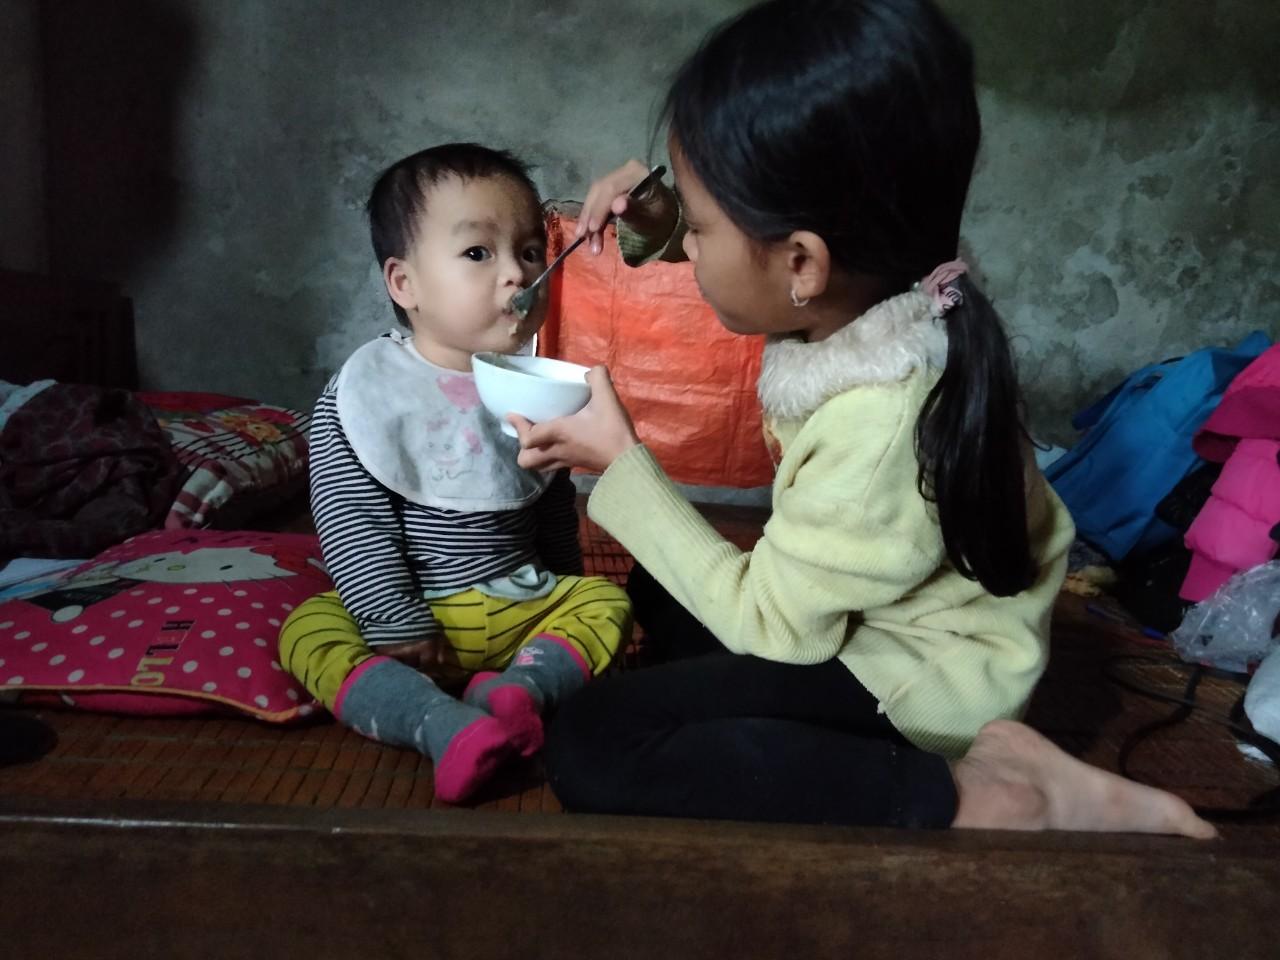 Tương lai mịt mù của 3 đứa trẻ thơ sau đêm cùng mẹ trốn chạy khỏi người cha 'ngáo đá' 5